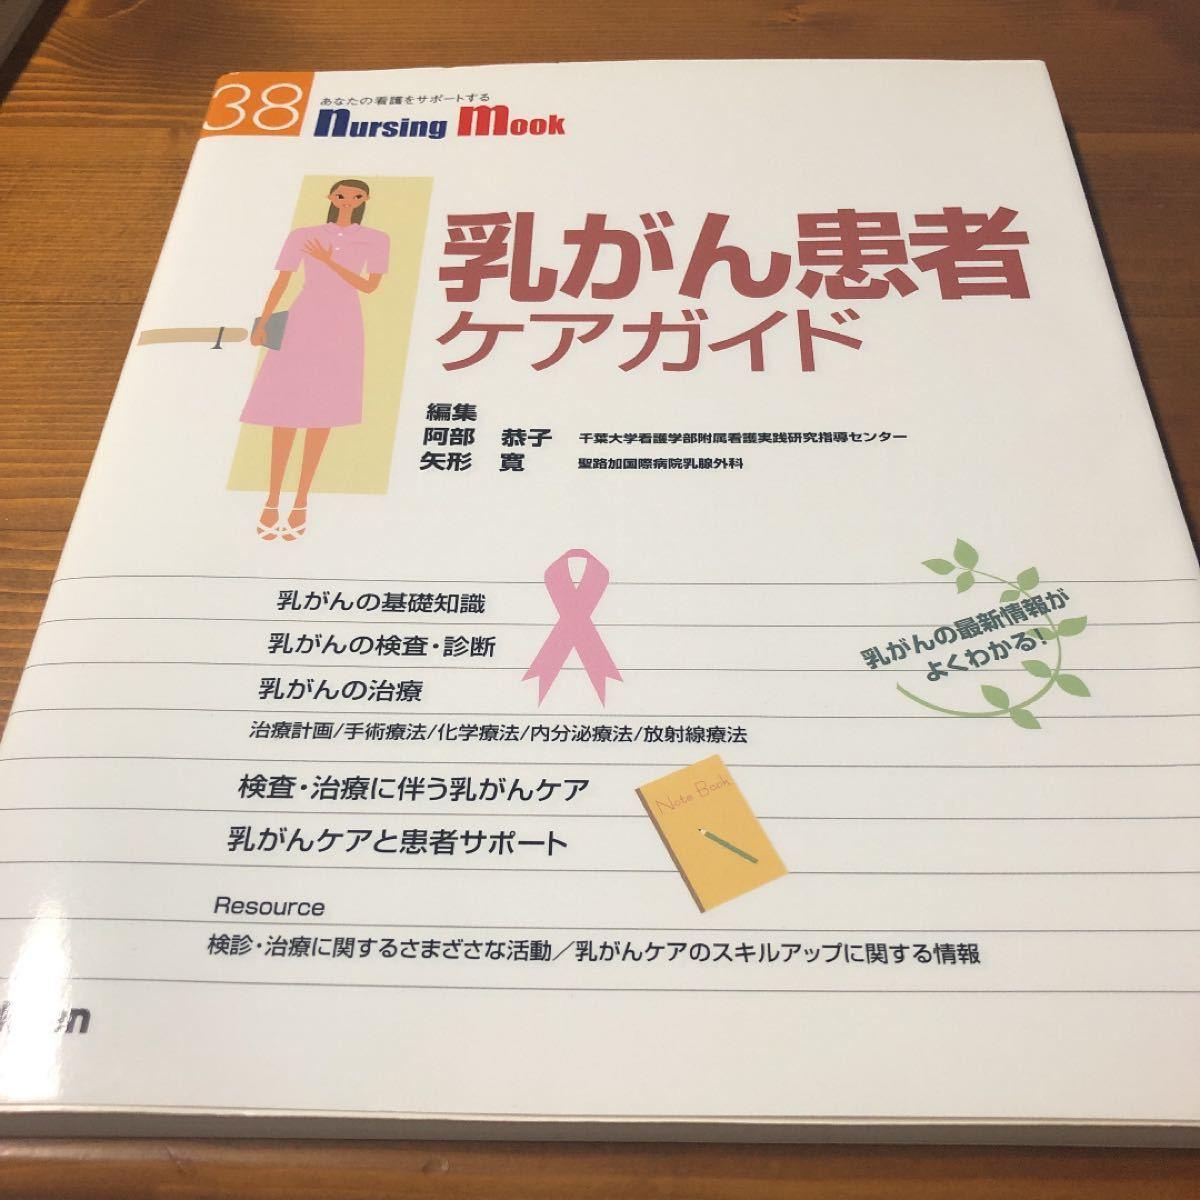 乳がん患者ケアガイド